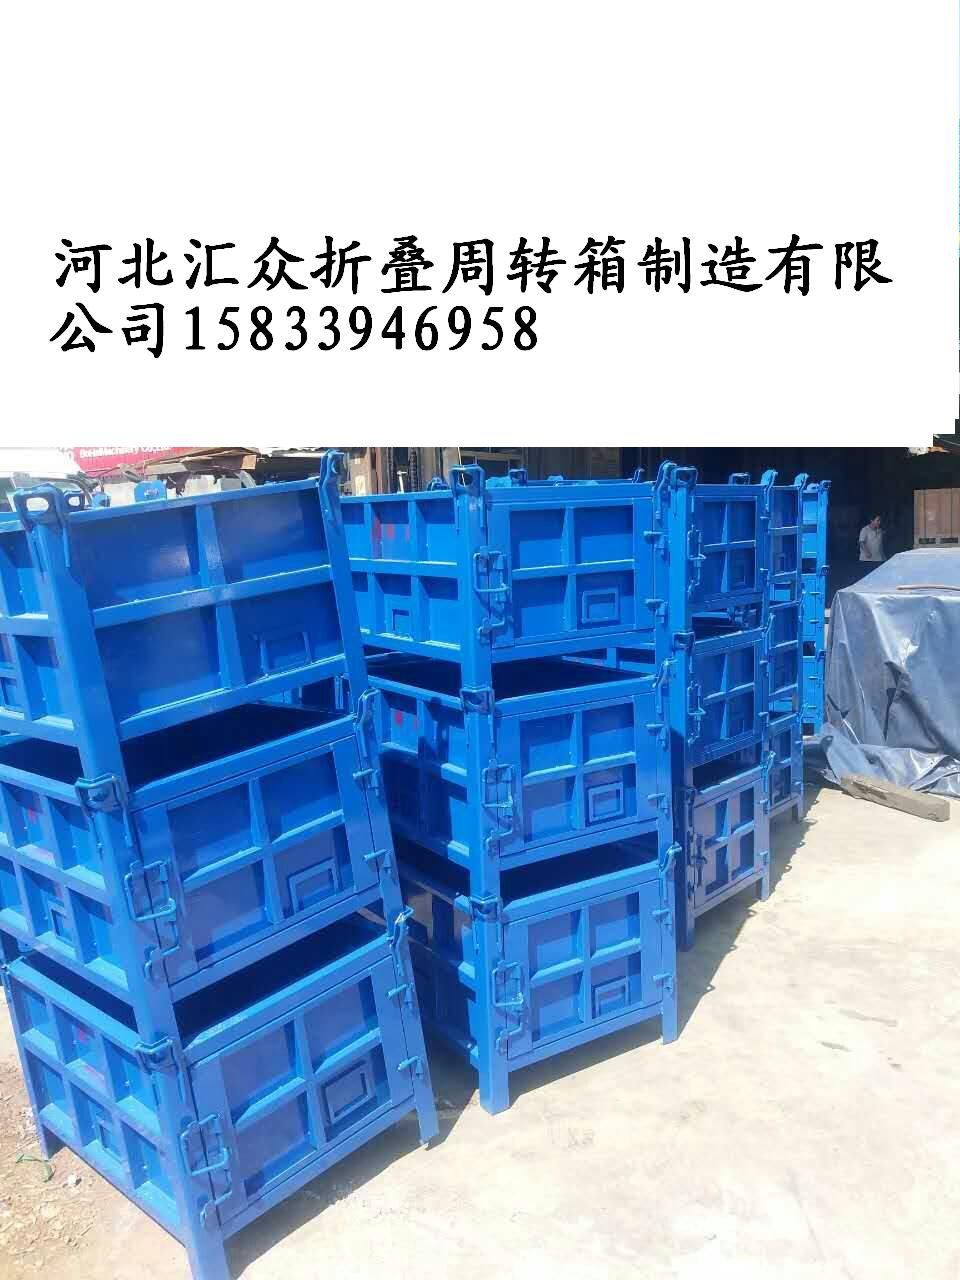 金属折叠箱旭宏仓储设备制造有限公司